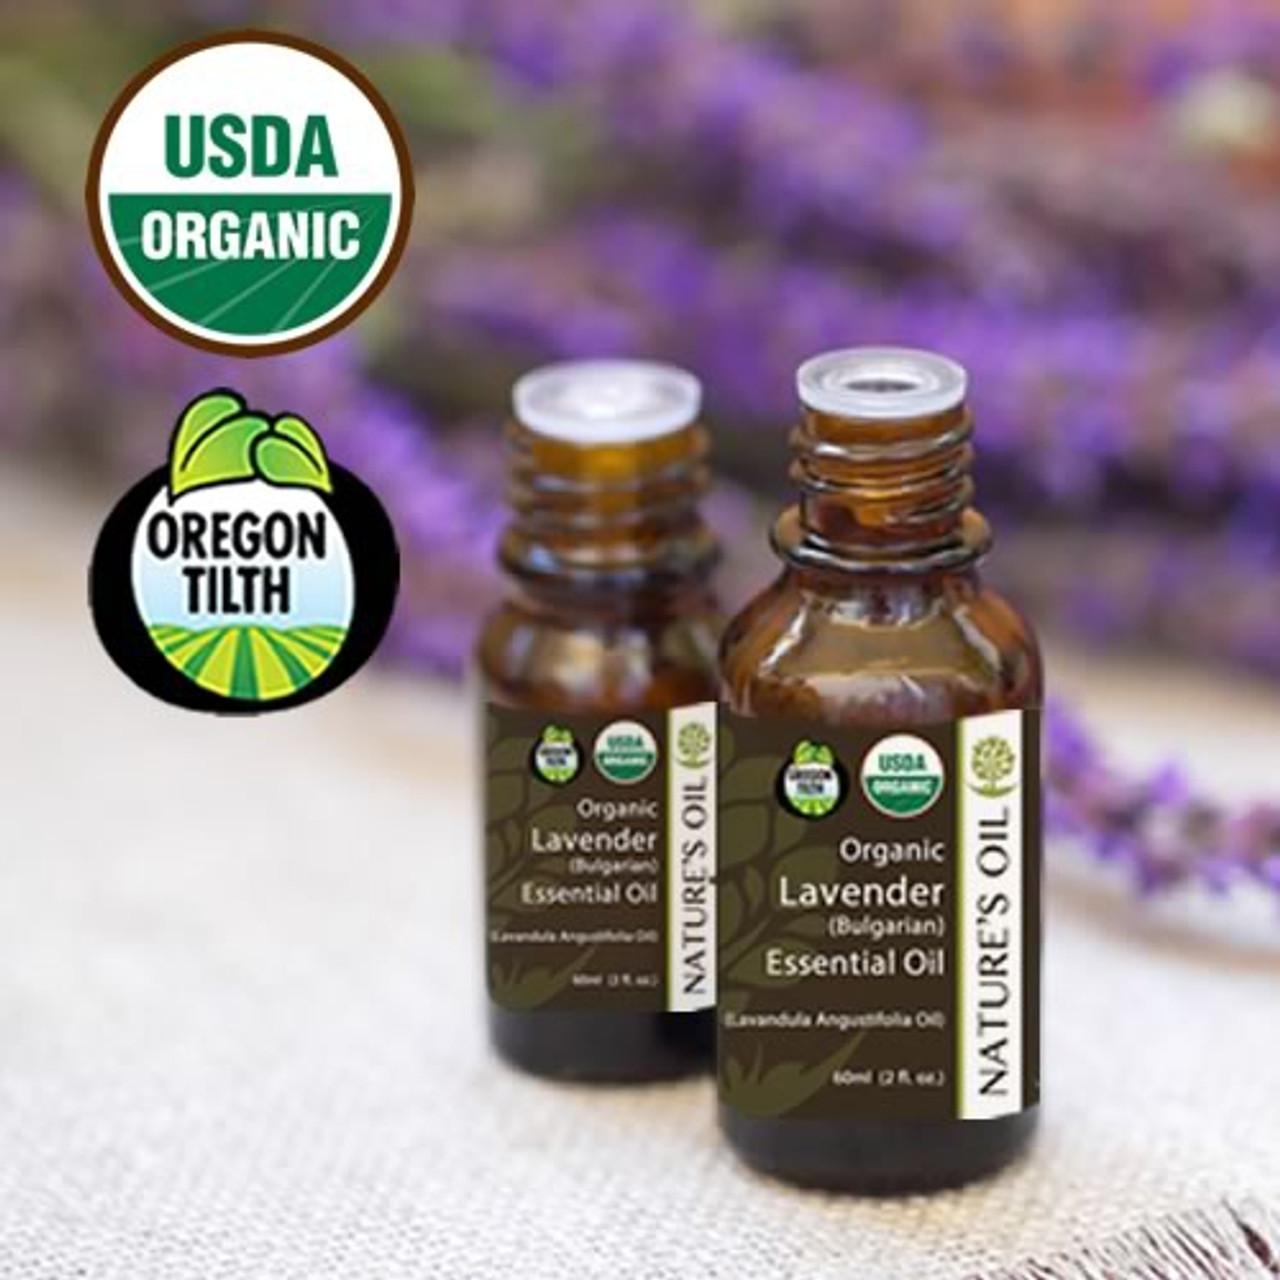 Essential Oils Supplier | Wholesale Aromatherapy | Bulk Apothecary